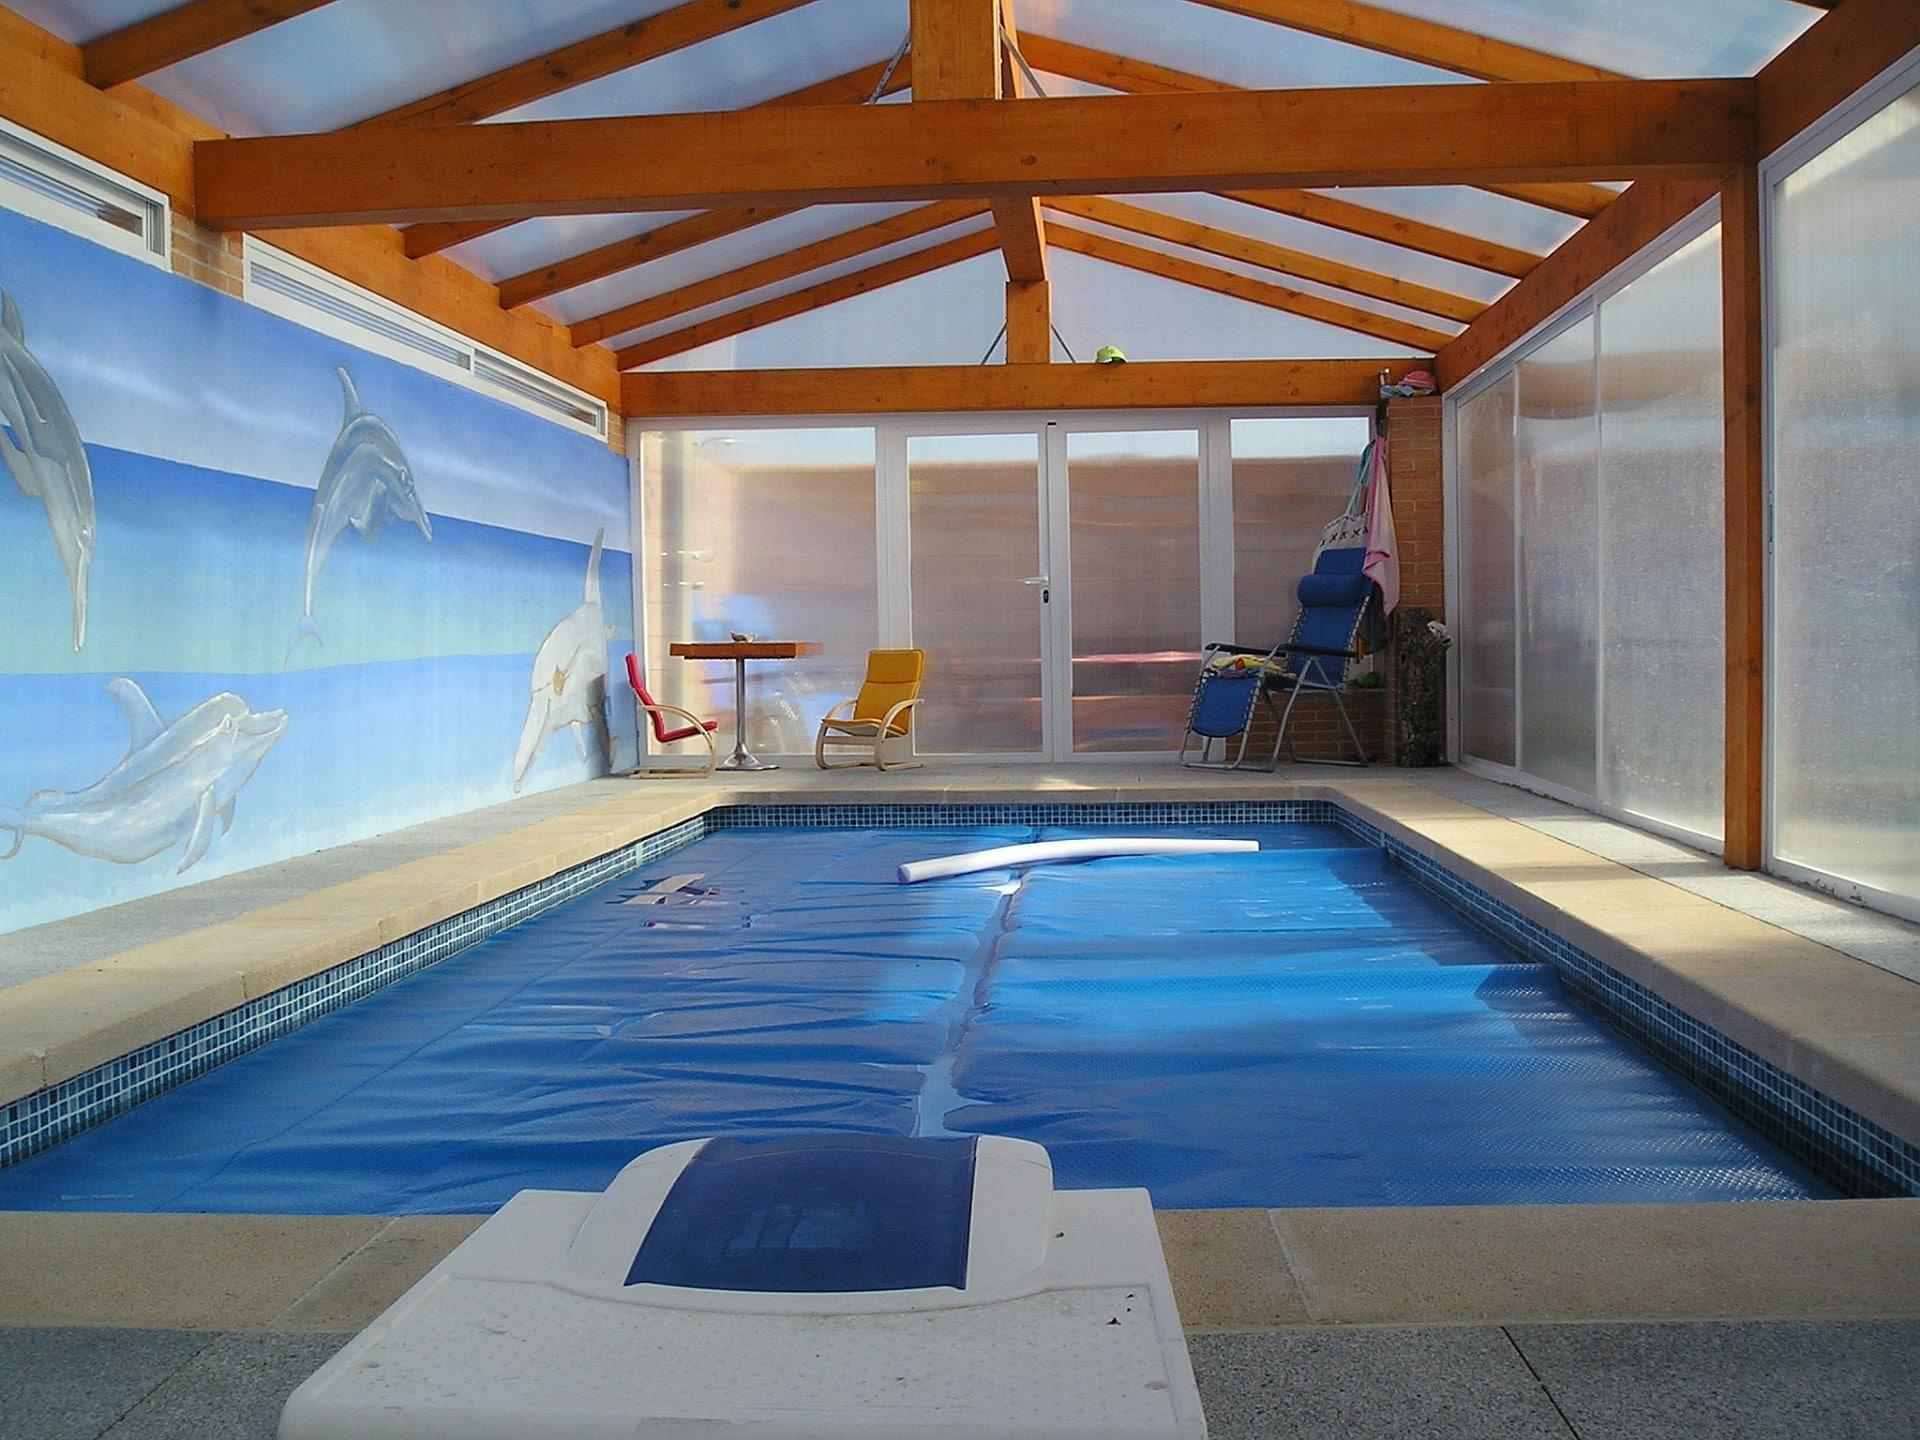 Como hacer una piscina de obra con ladrillos for Medidas de piscinas de obra